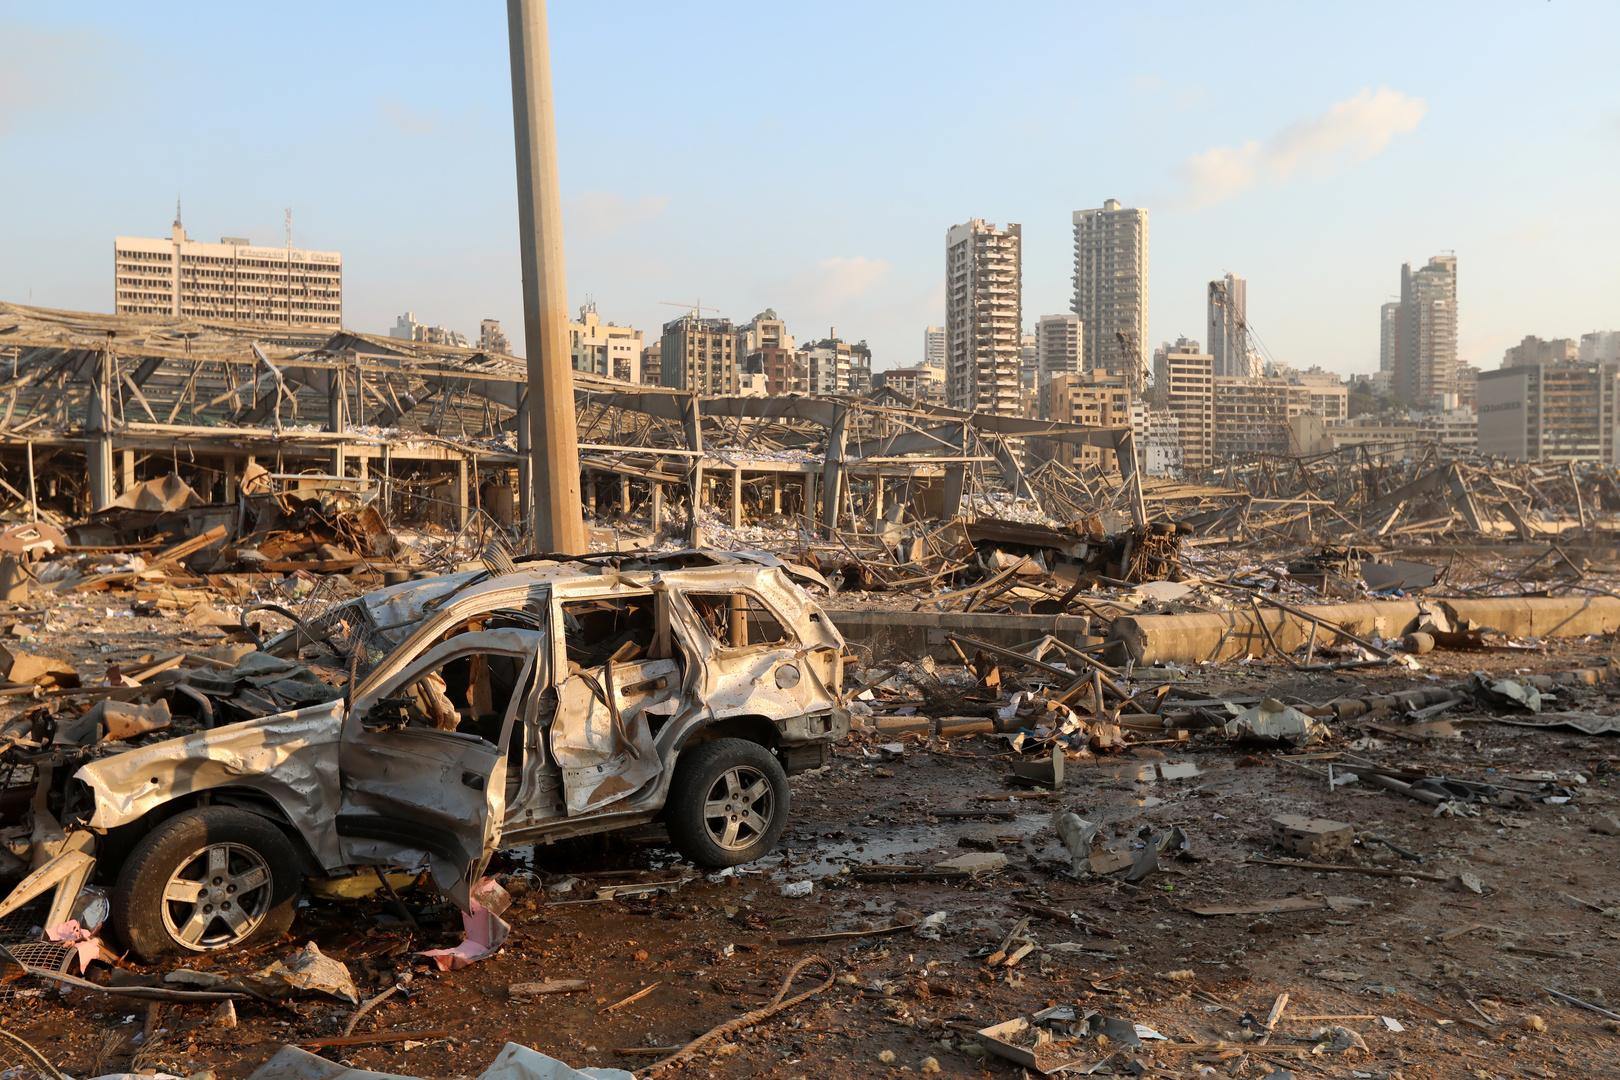 ترامب: ما وقع في بيروت يبدو هجوما مروعا